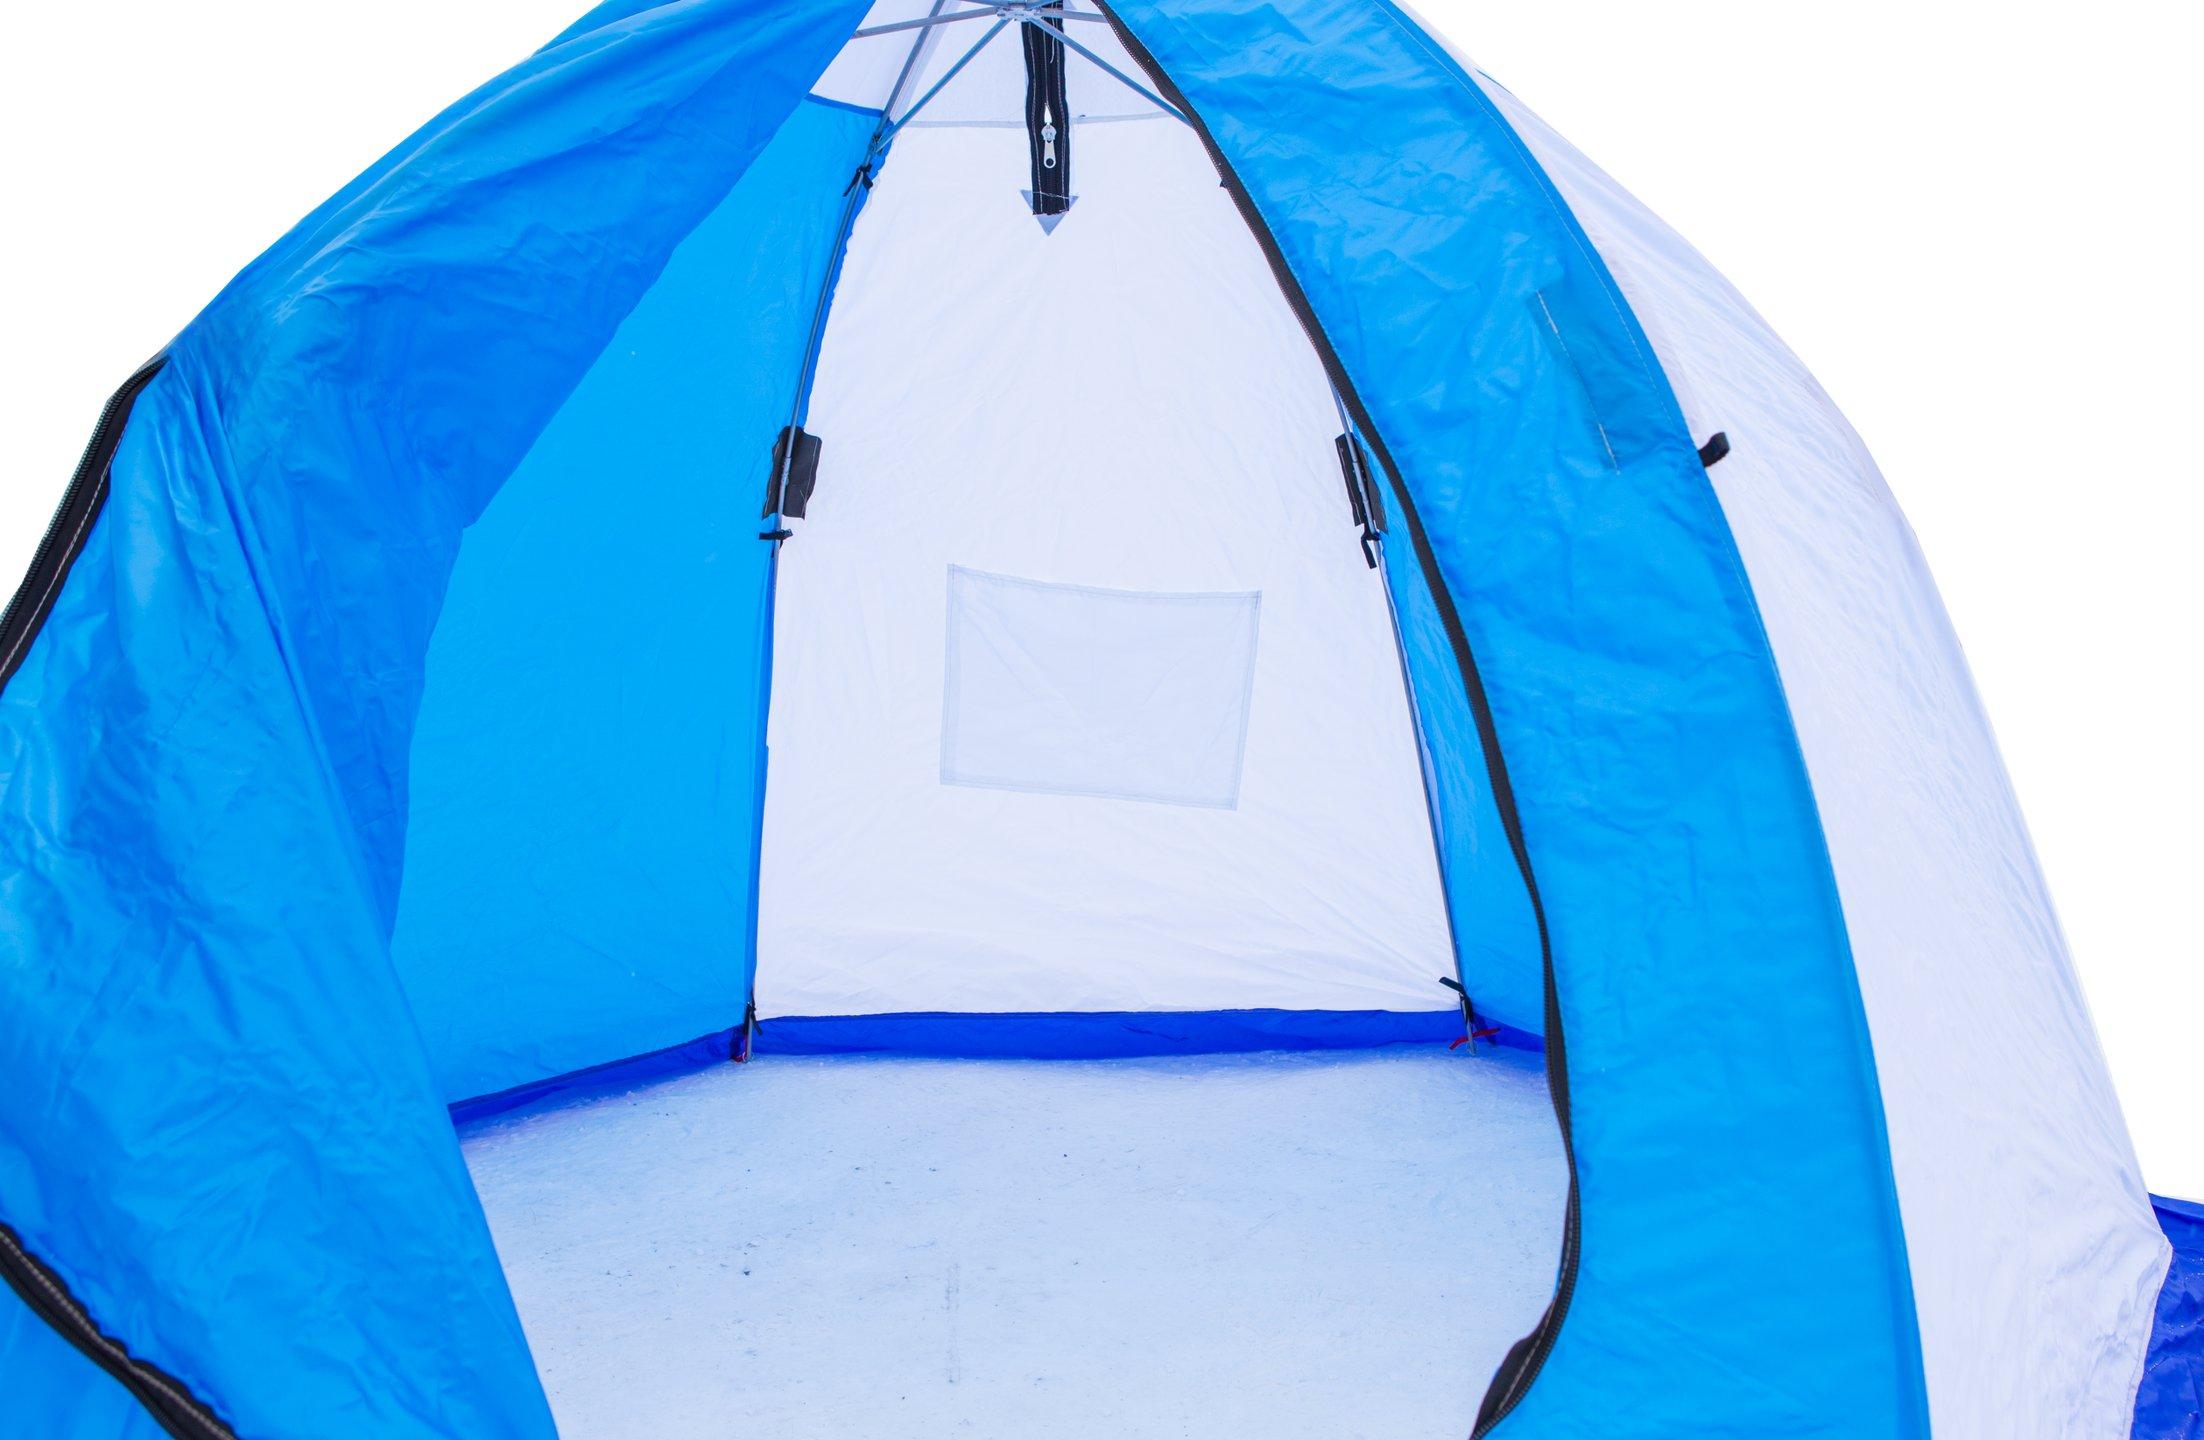 палатка для зимней рыбалки купить интернет магазин